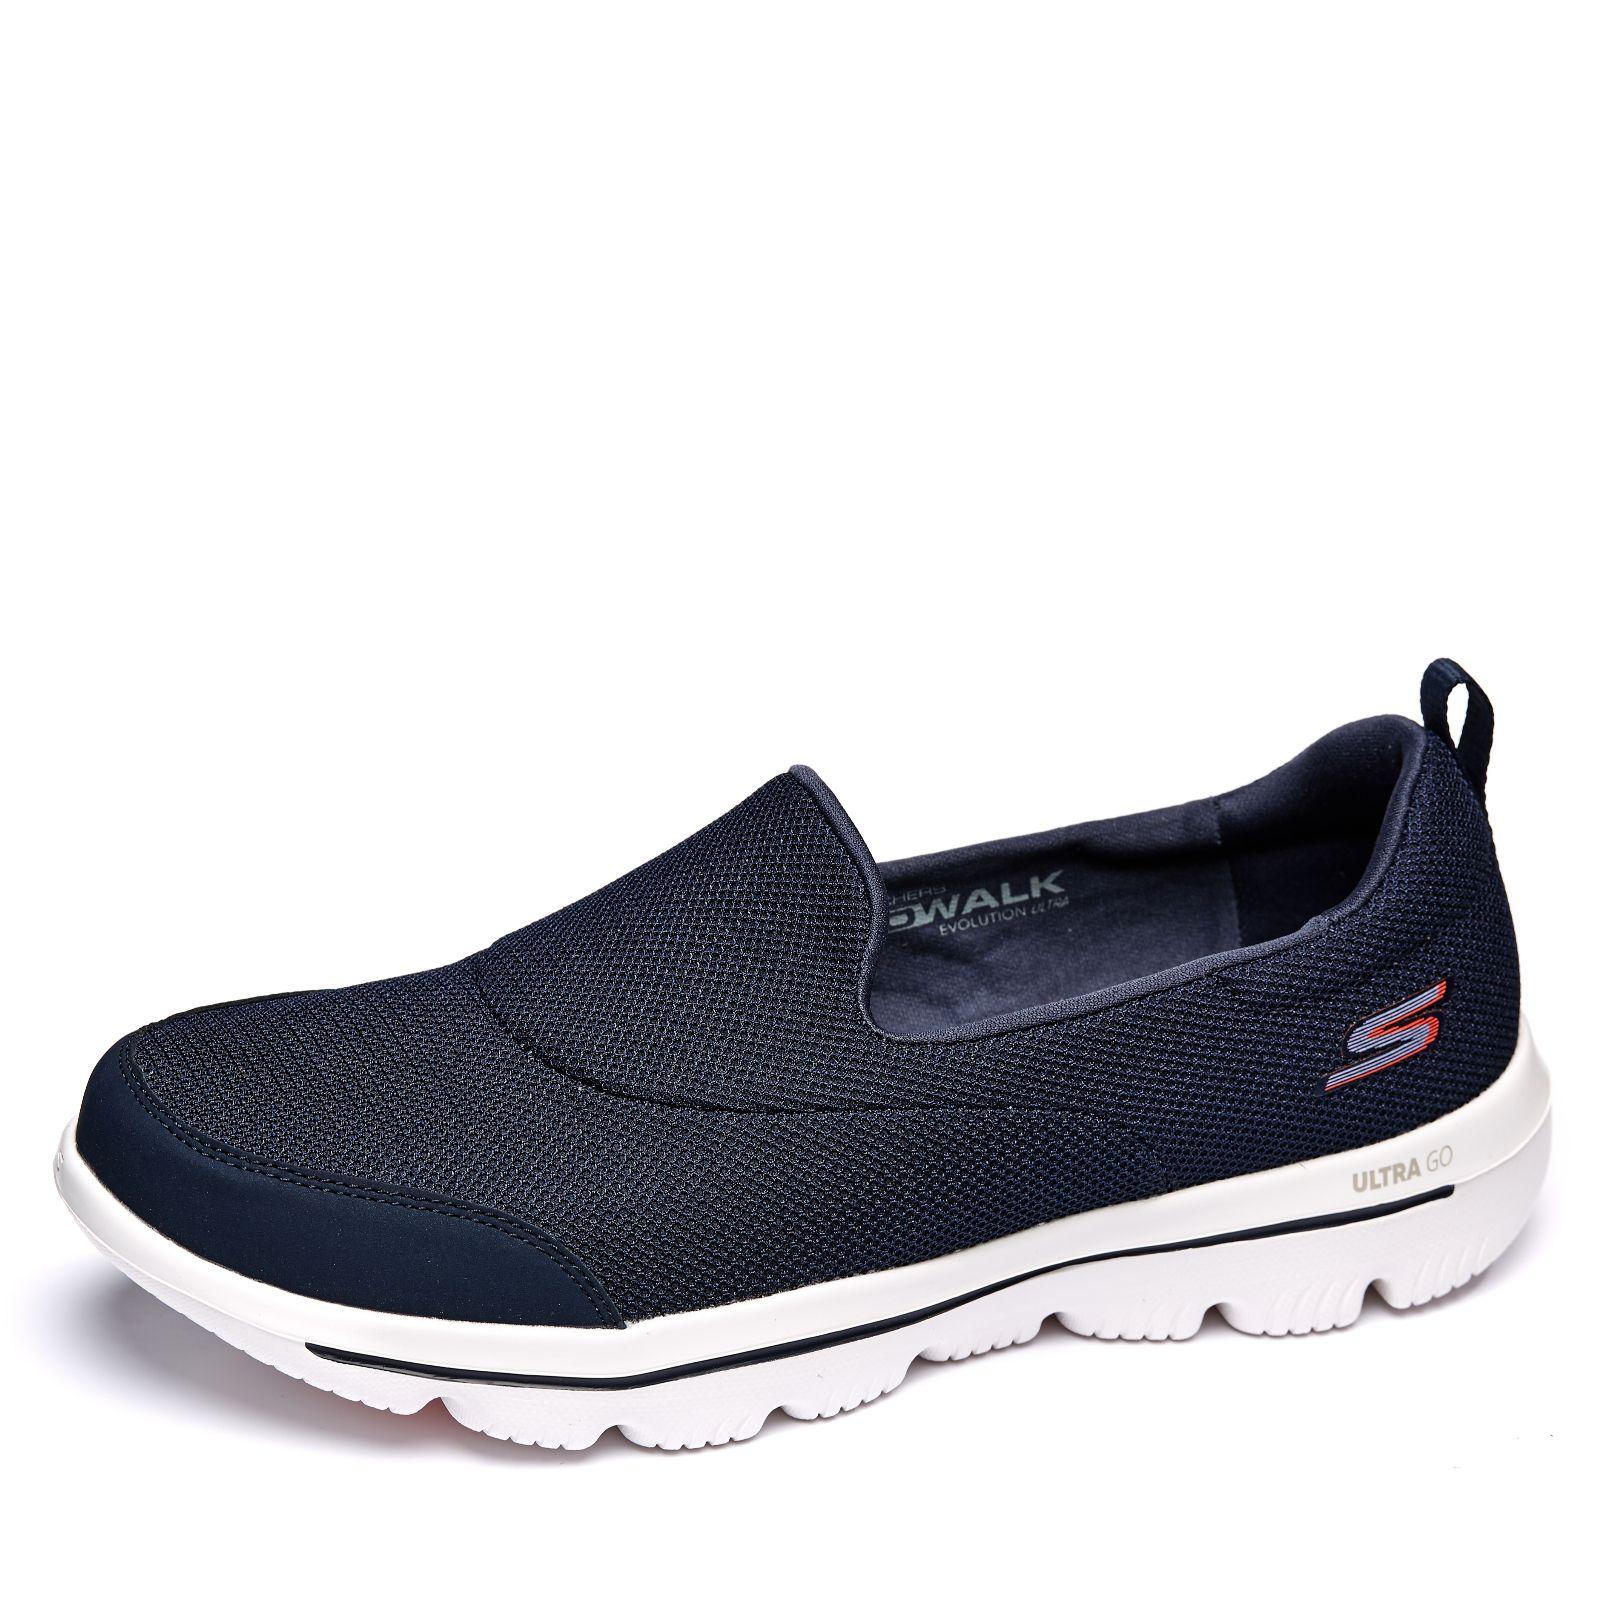 Shop für Beamte Farben und auffällig am besten auswählen Skechers Go Walk Evolution Ultra Reach Mesh Slip On Trainer - QVC UK